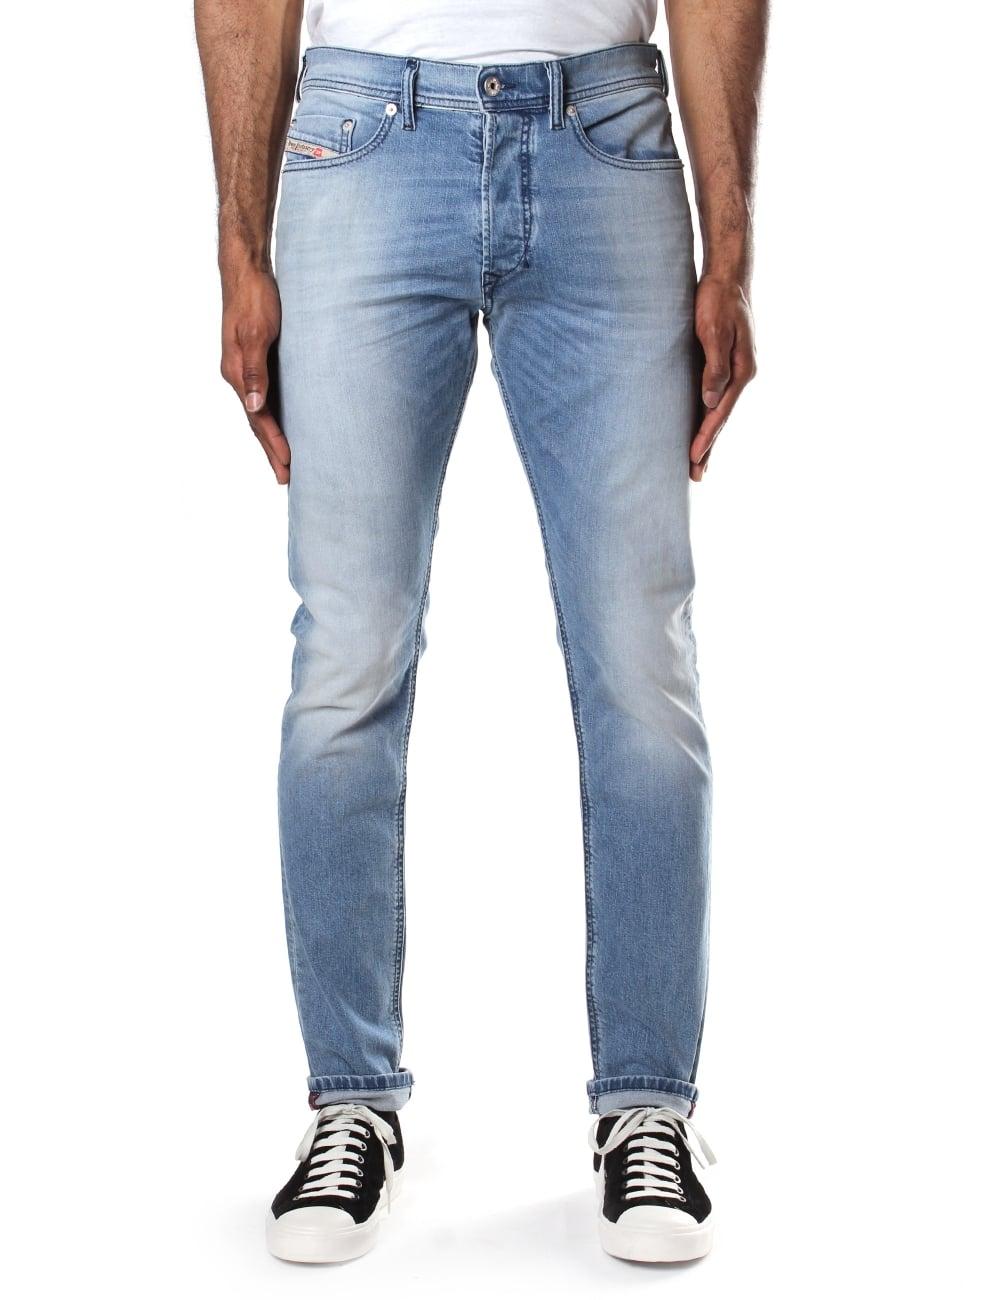 außergewöhnliche Auswahl an Stilen wie kommt man Outlet Store Verkauf Diesel Tepphar 84CU Men's Jean